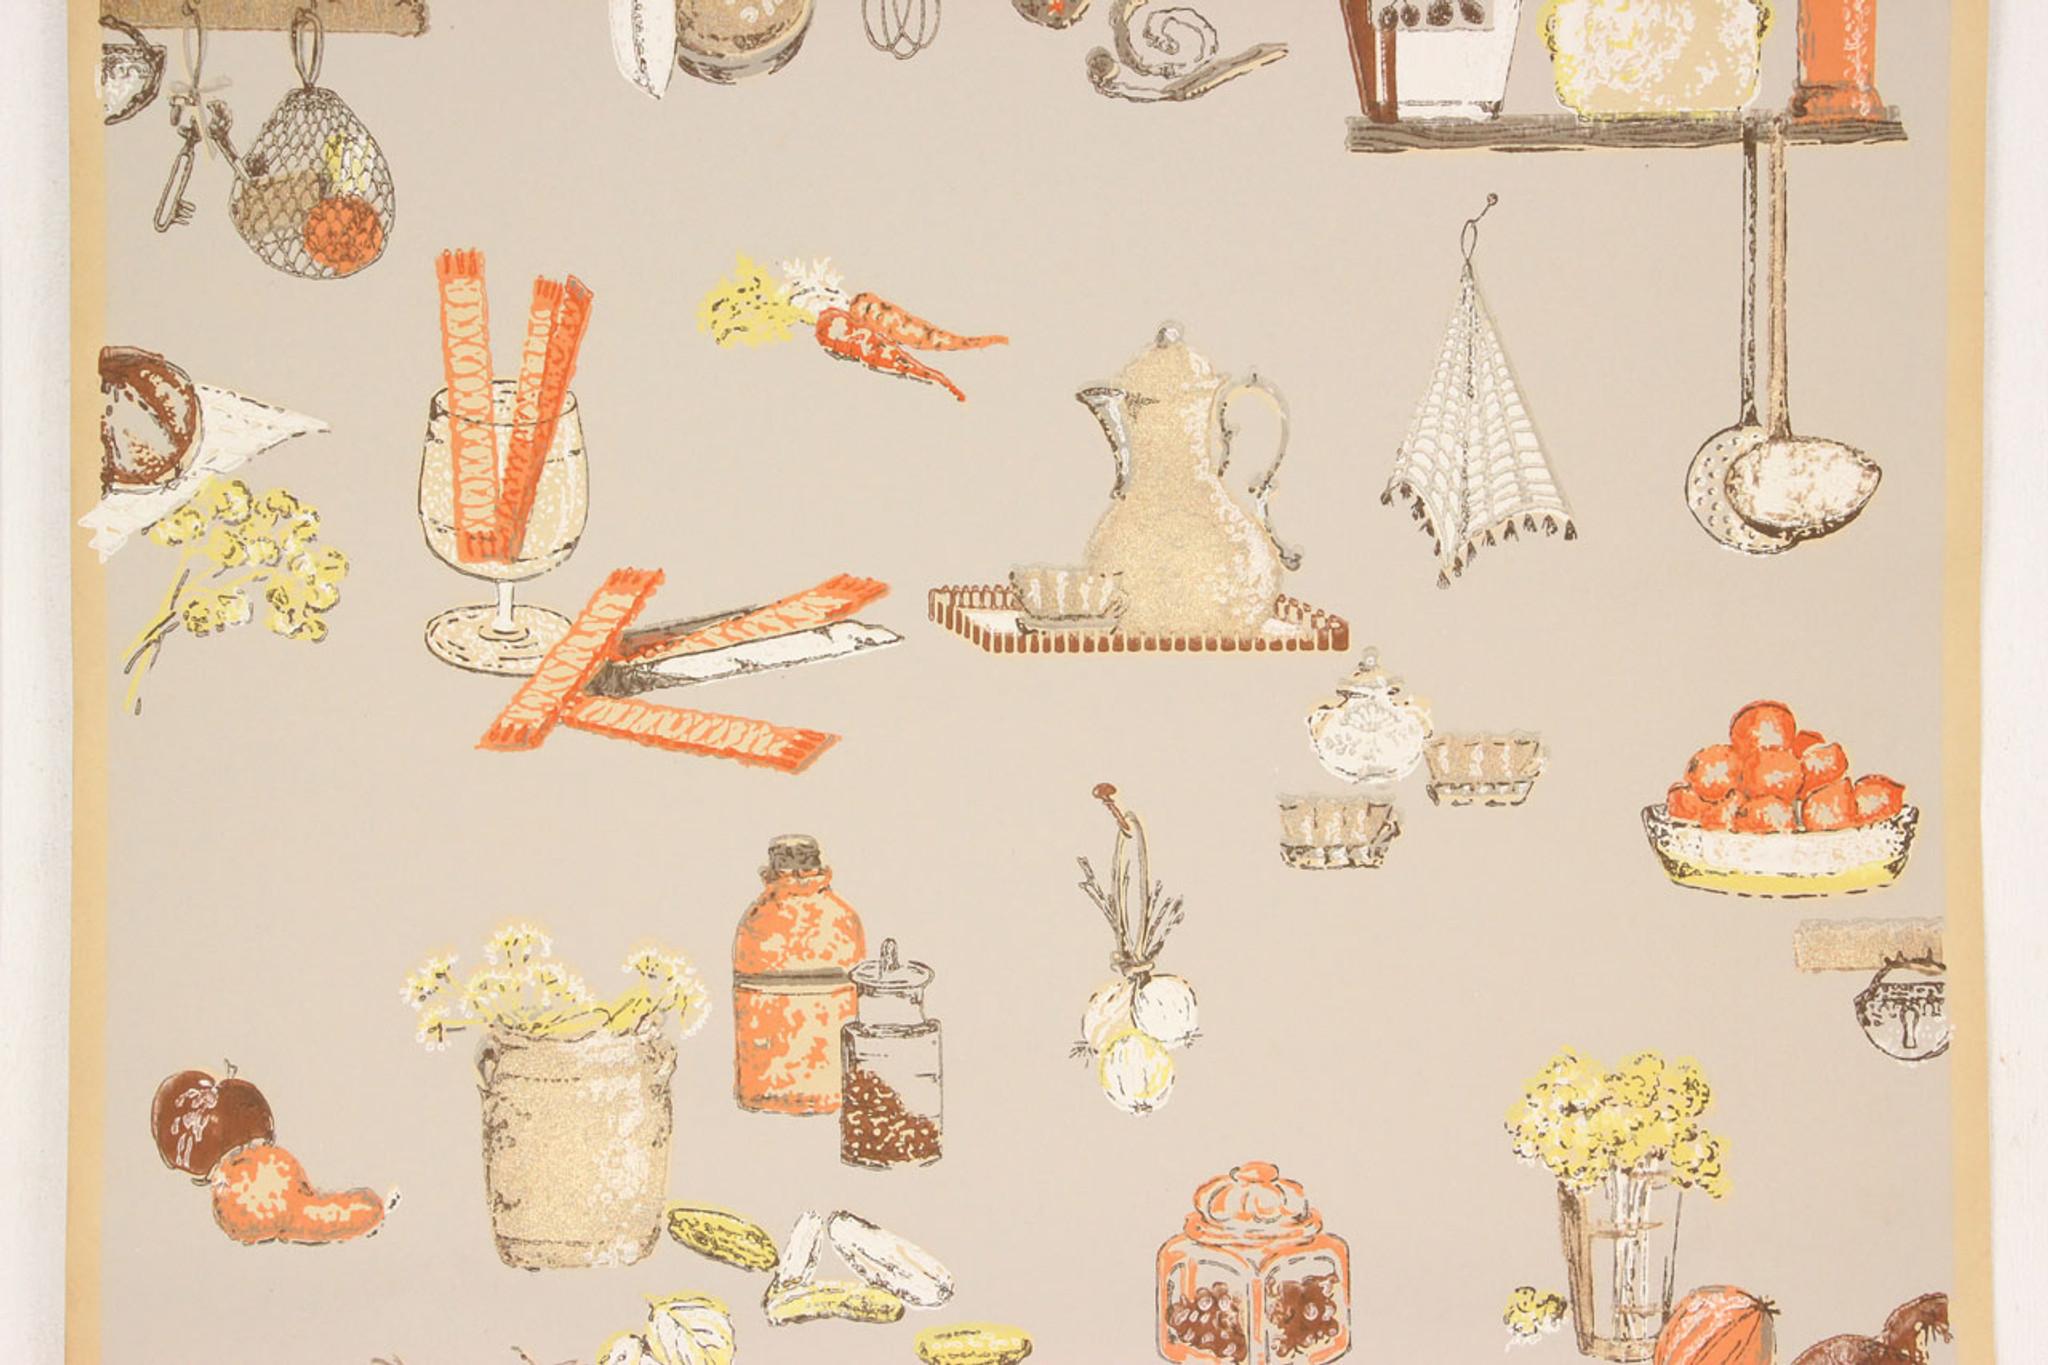 1930s Vintage Wallpaper Orange and Yellow Kitchen on Beige - Rosie\'s ...